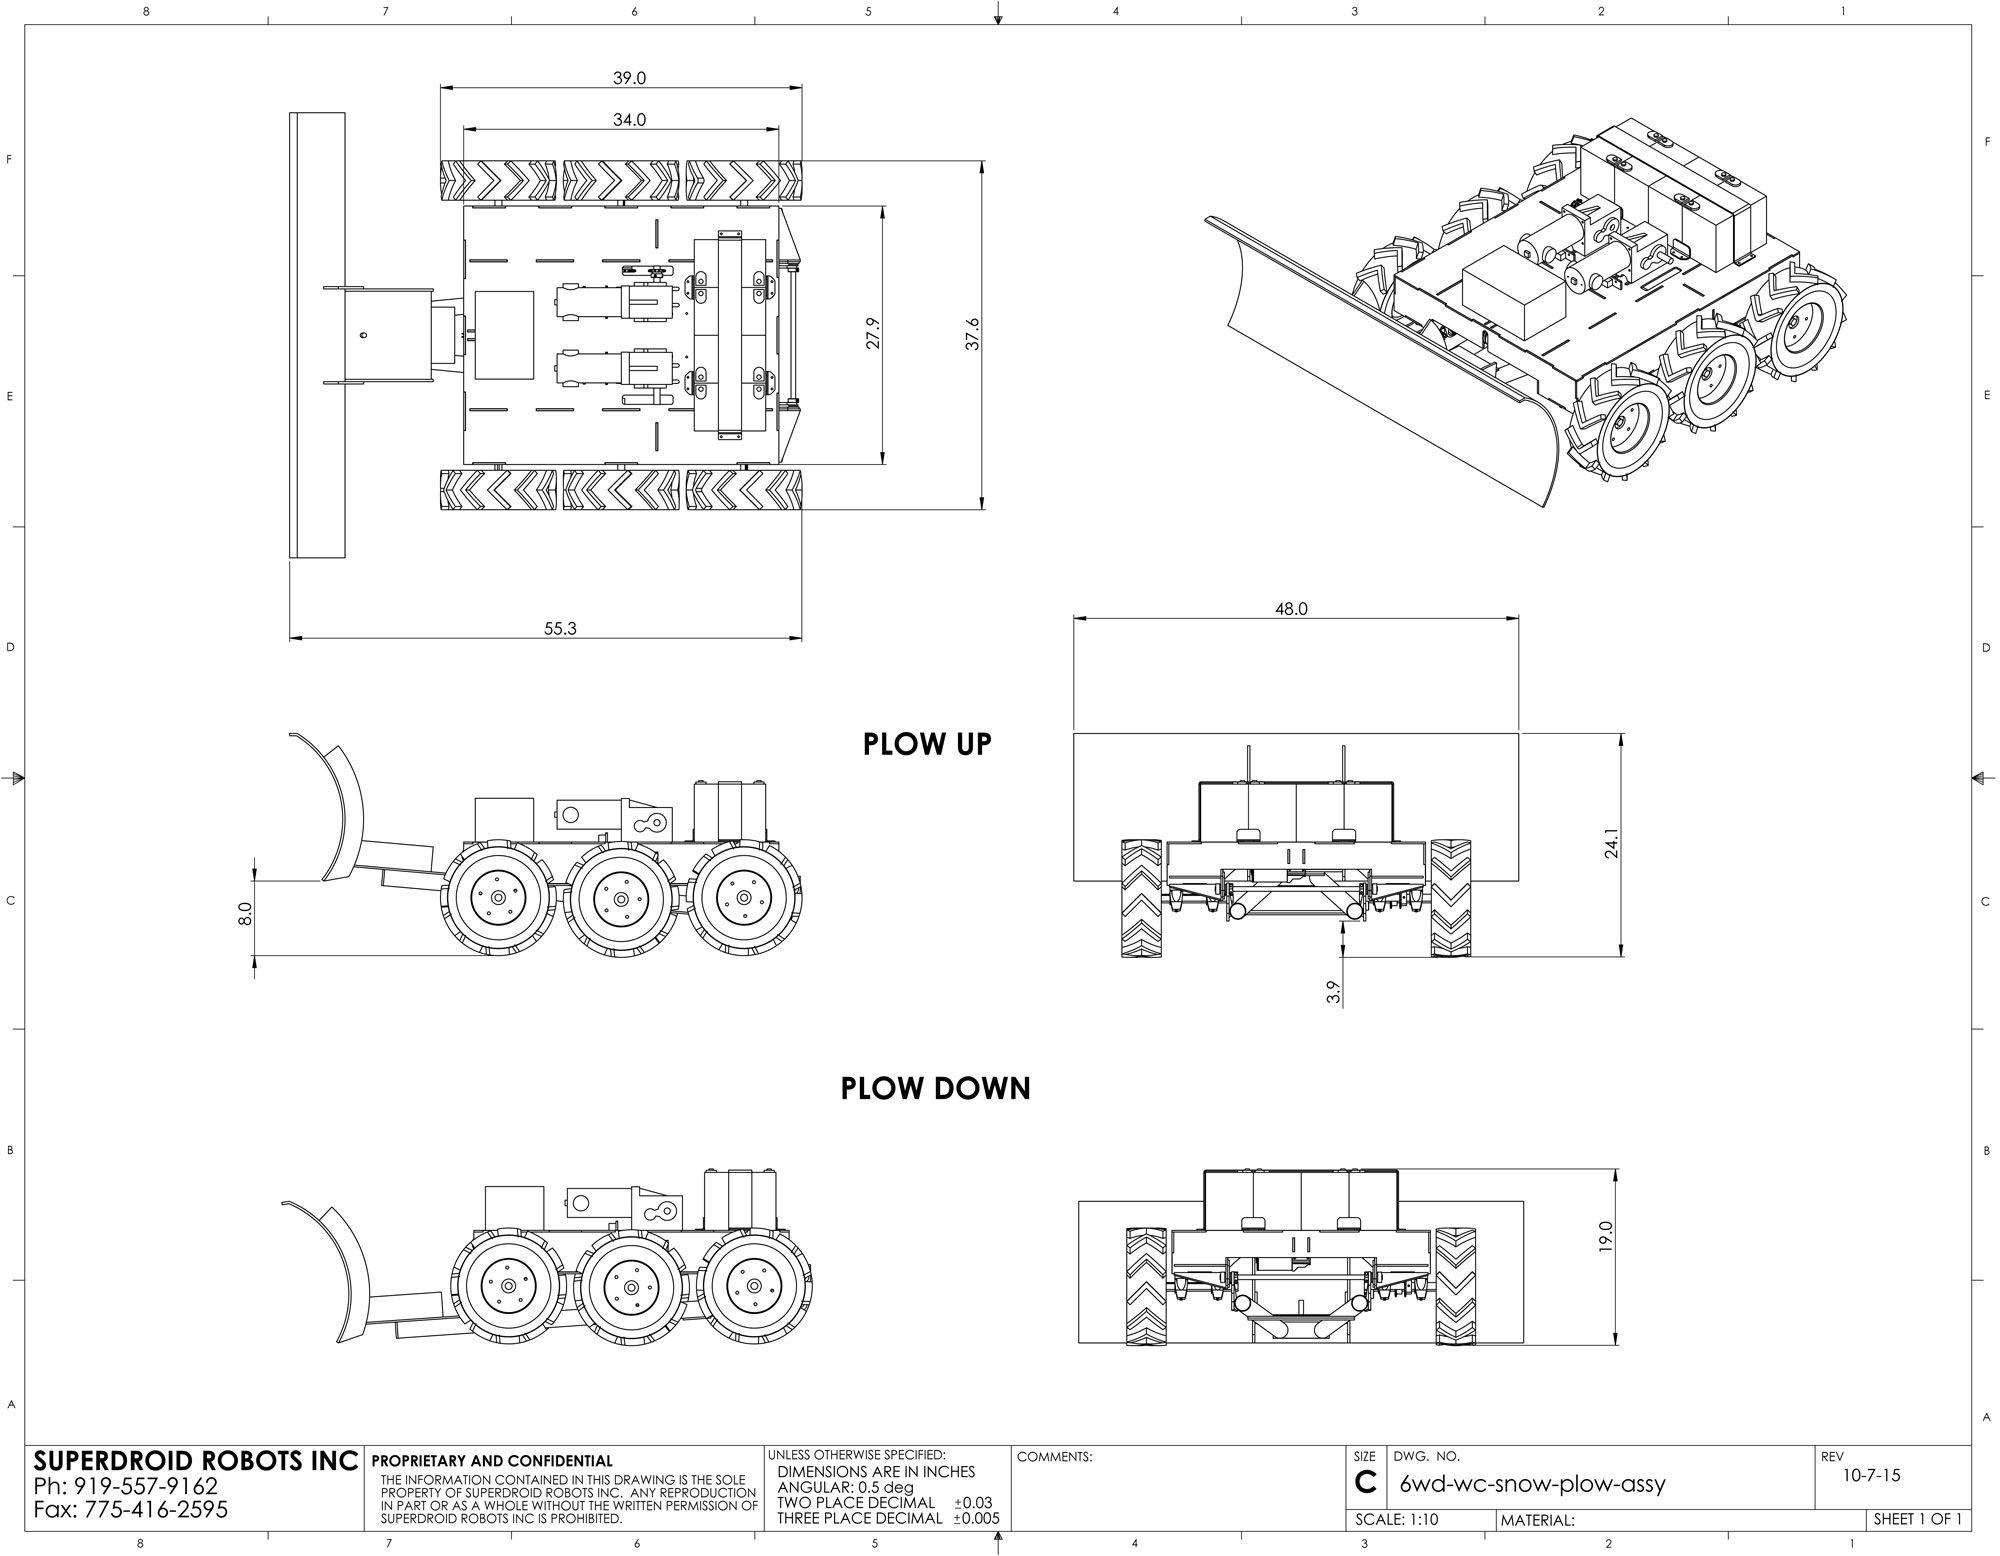 Tolle Sno Pro 3000 Schaltplan Galerie - Der Schaltplan - triangre.info